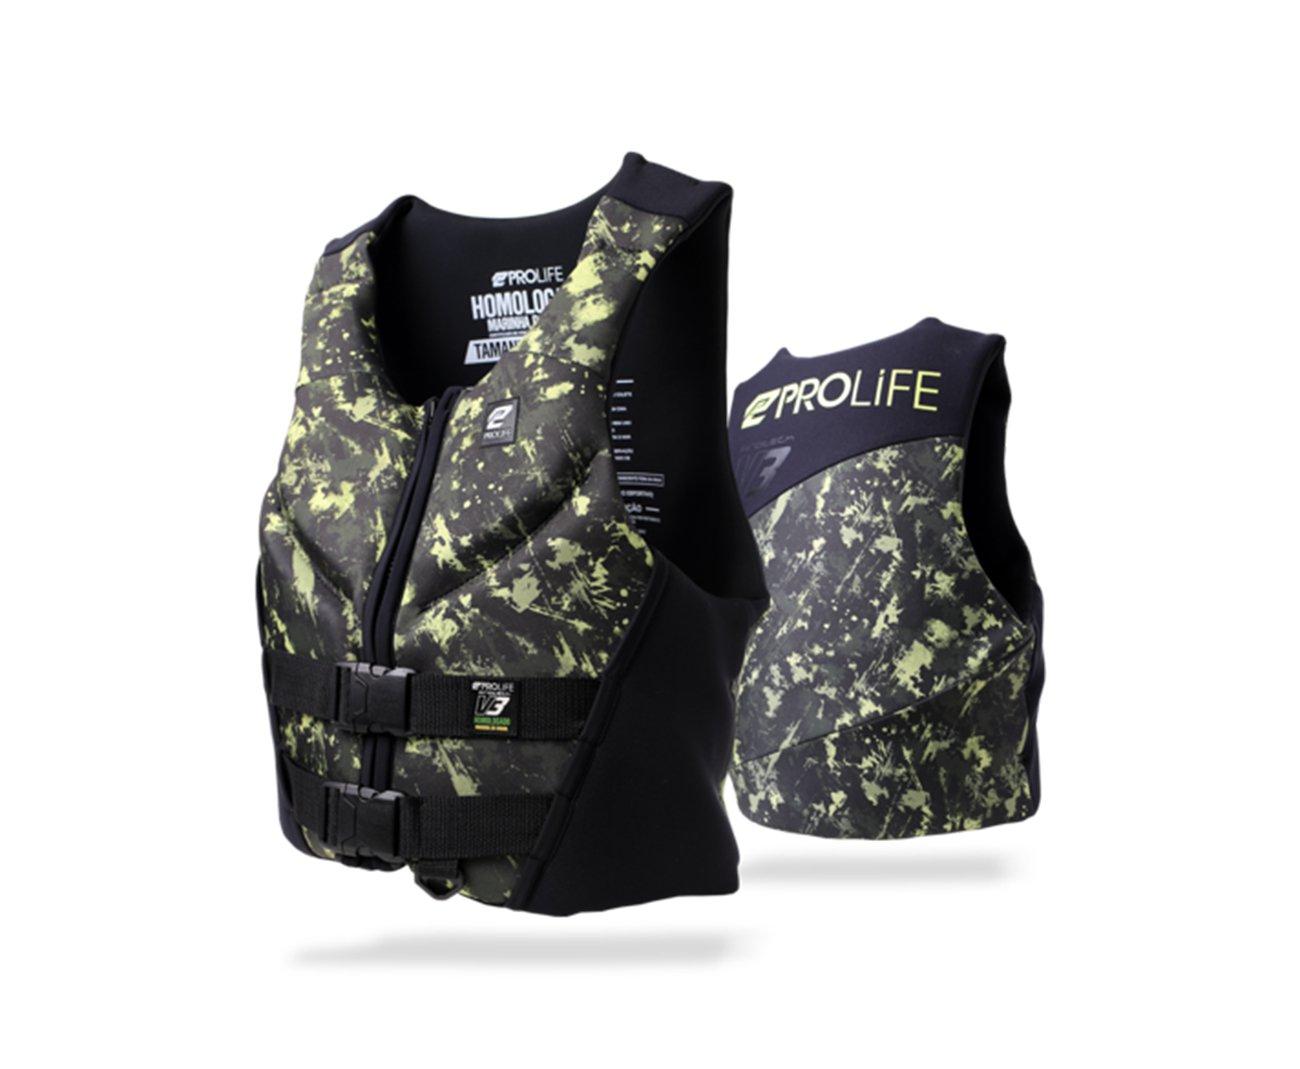 Colete Neoprene New Protech V3 Homologado Army Tam P - Prolife